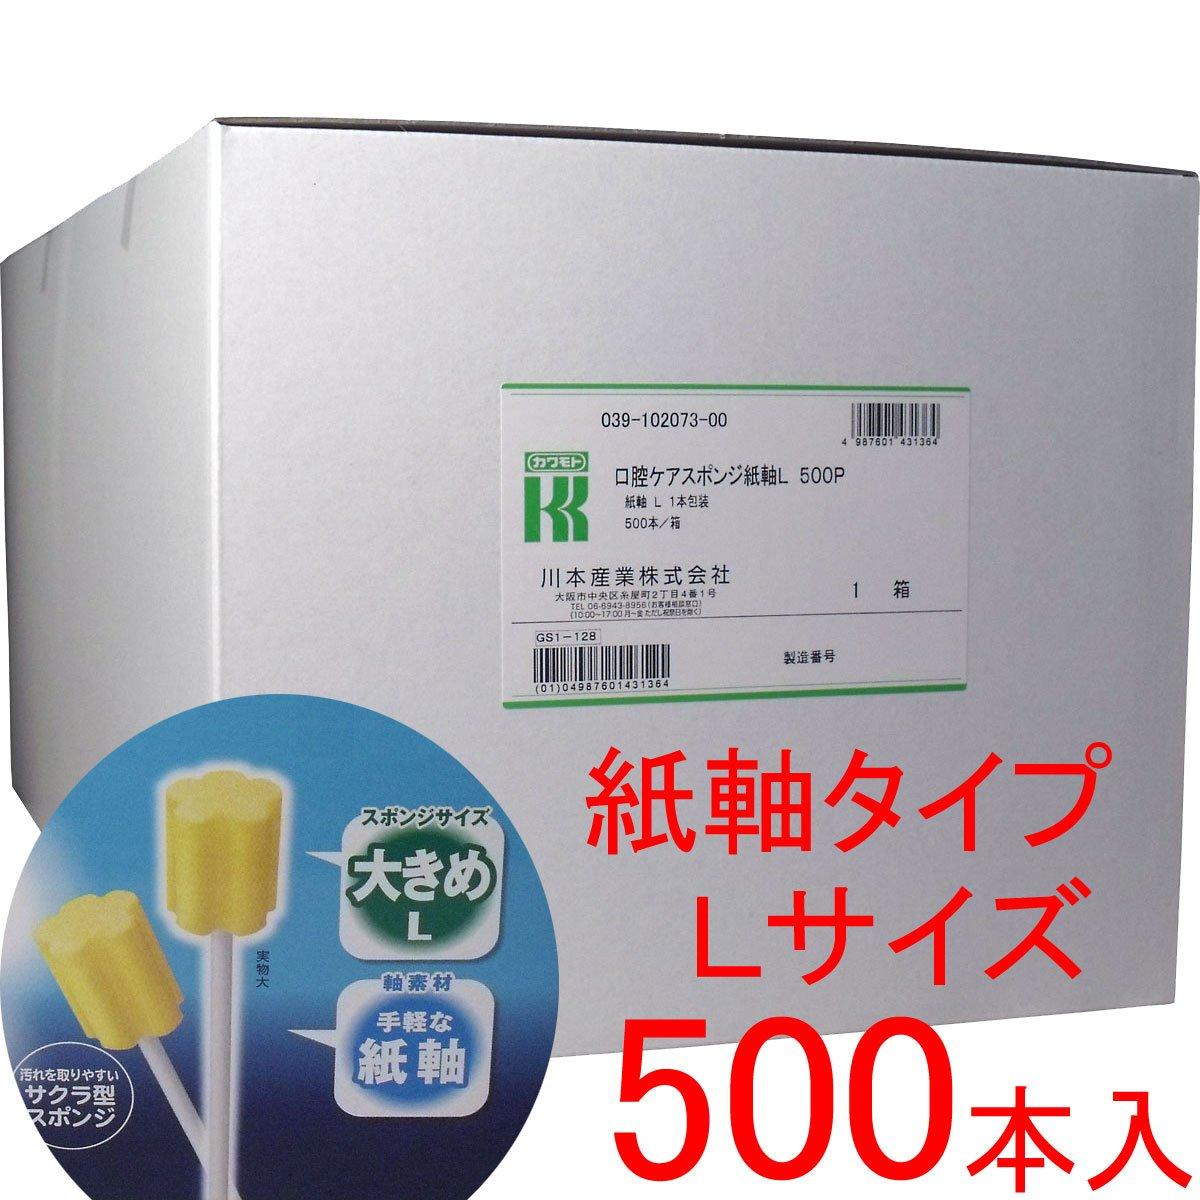 業務用マウスピュア 口腔ケアスポンジ 紙軸 Lサイズ 500本入 B0094FYMZG